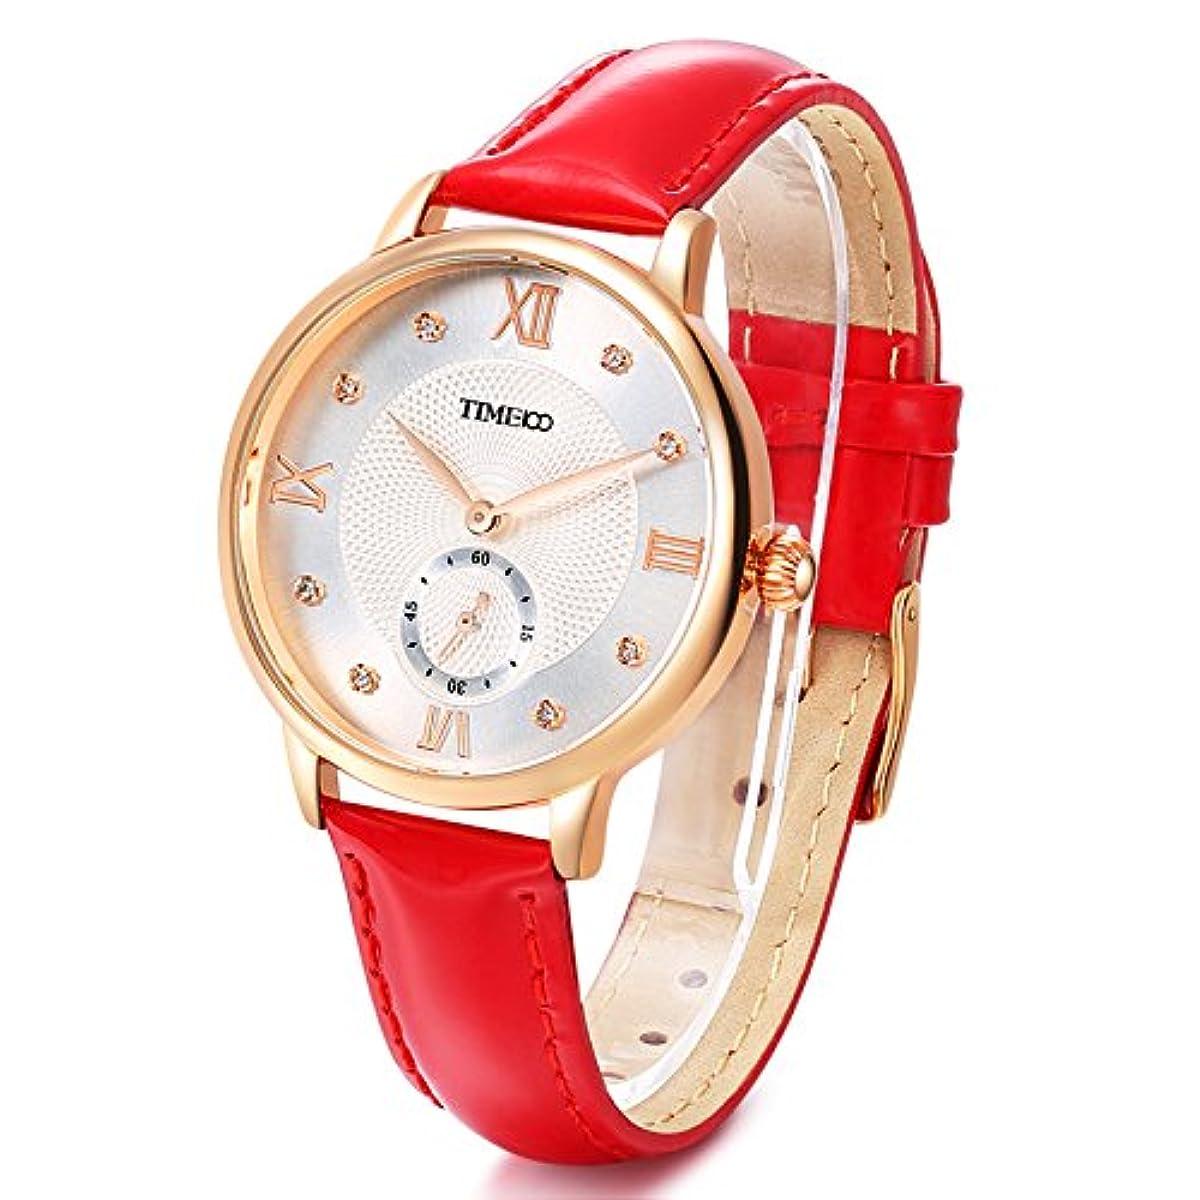 [해외] TIME100 로마숫자 문자판 라인 doll 첨부 가죽 밴드 패션 레이디스 손목시계 W80099L (레드)